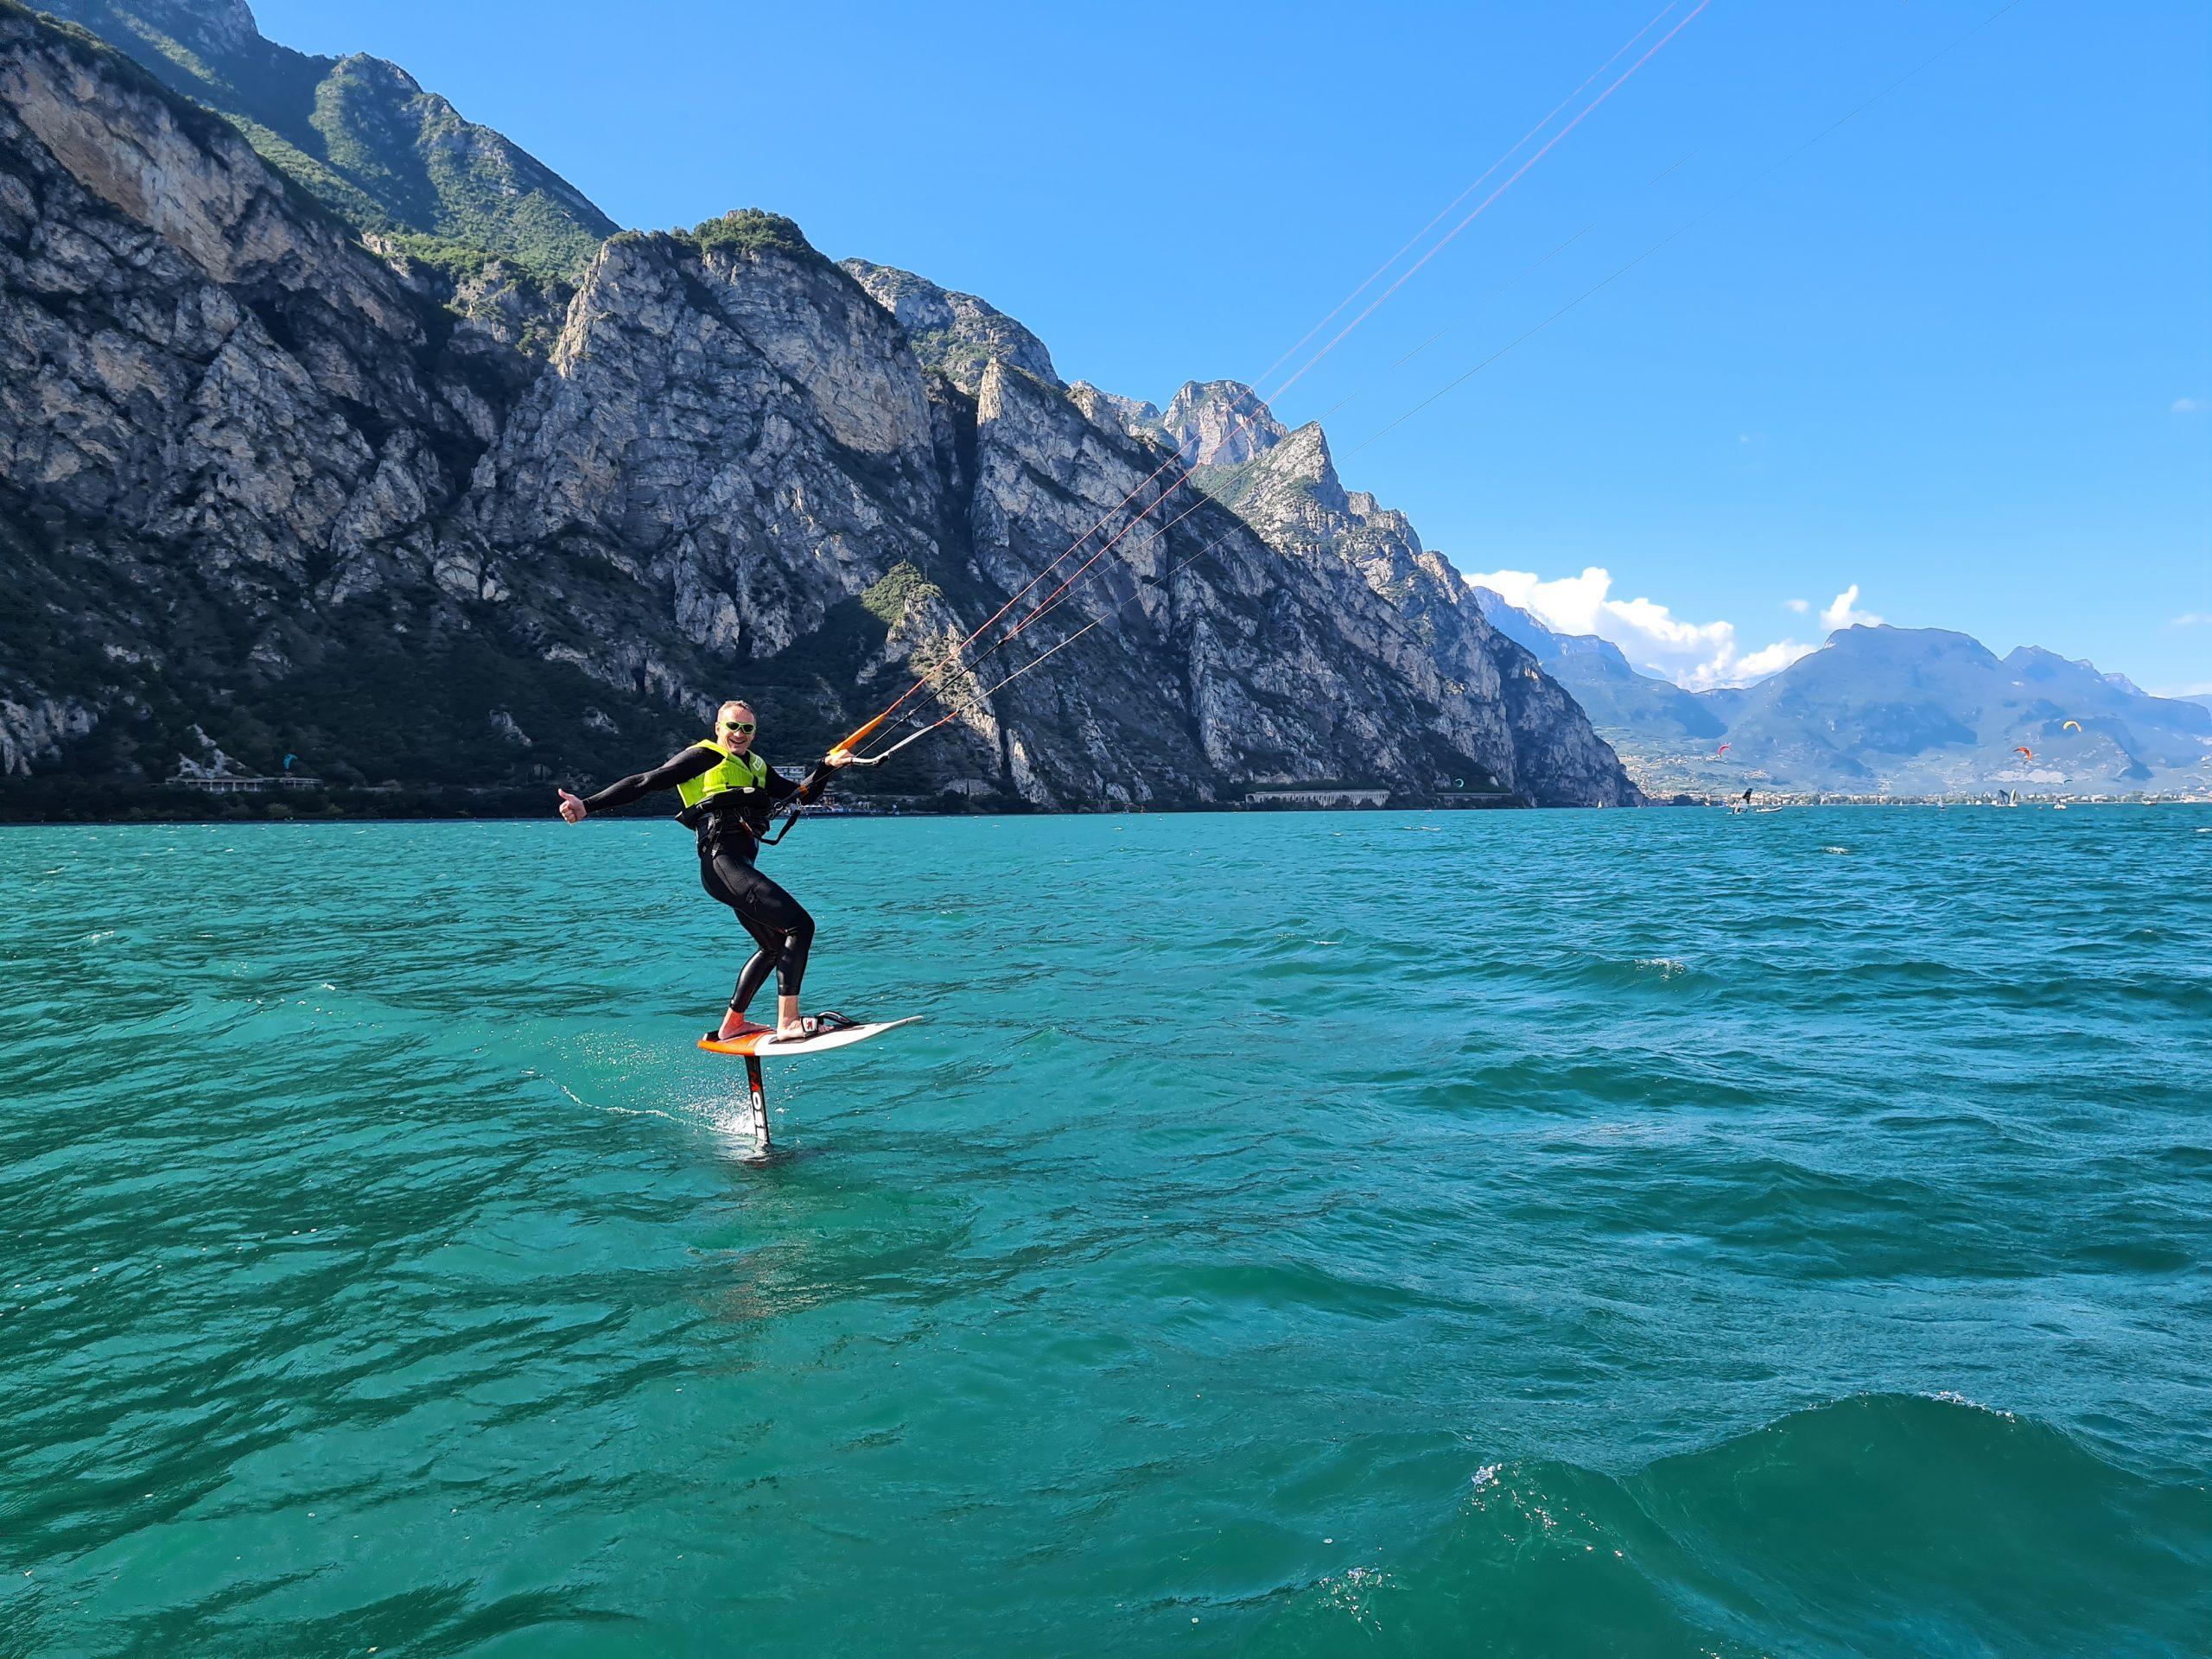 Lezioni di Hydrofoil kitesurf sul Lago di Garda